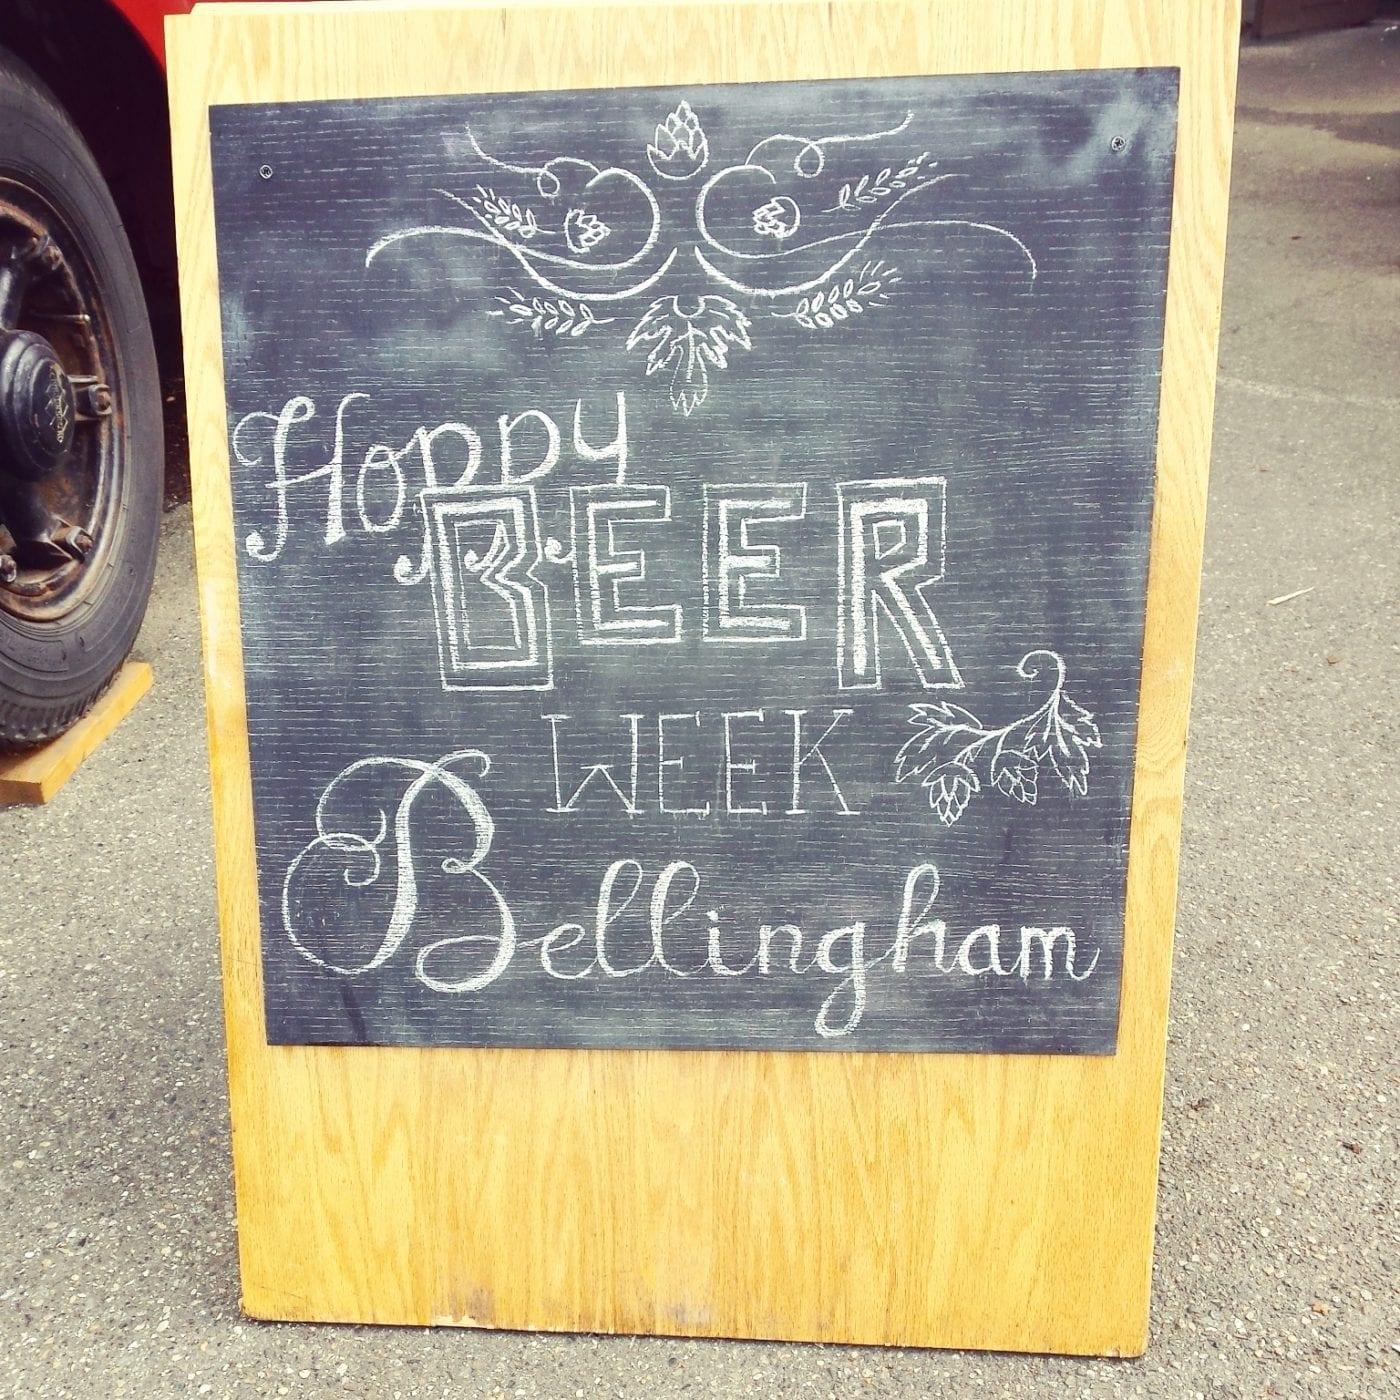 Bellingham Beer Week, Das Schweinhaus, Craft Beer, Breweries in Bellingham